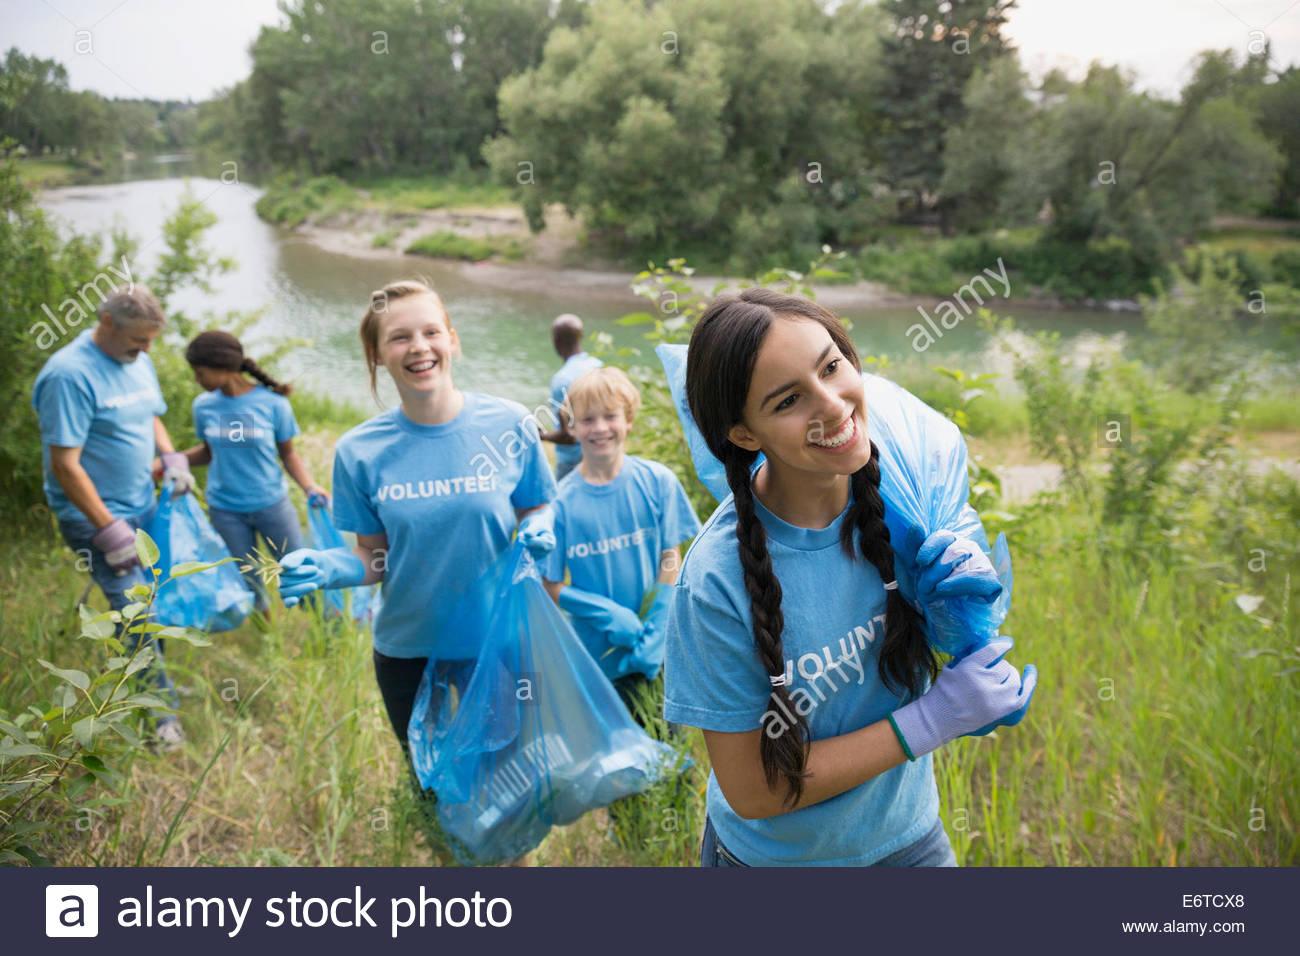 Los voluntarios llevar bolsas de basura en el campo Imagen De Stock